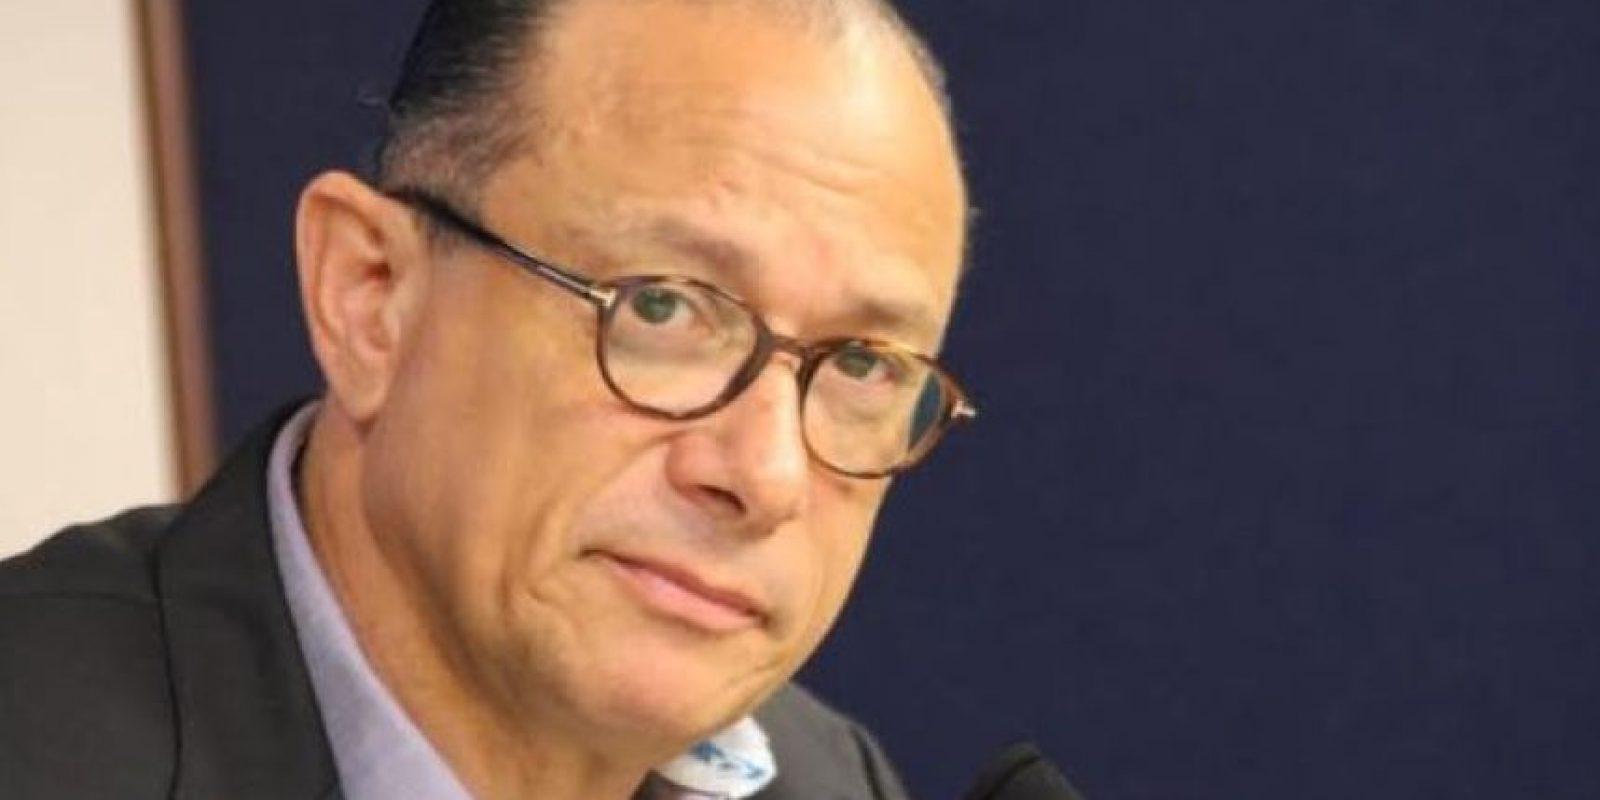 José Antonio Rodríguez Foto:Fuente Externa